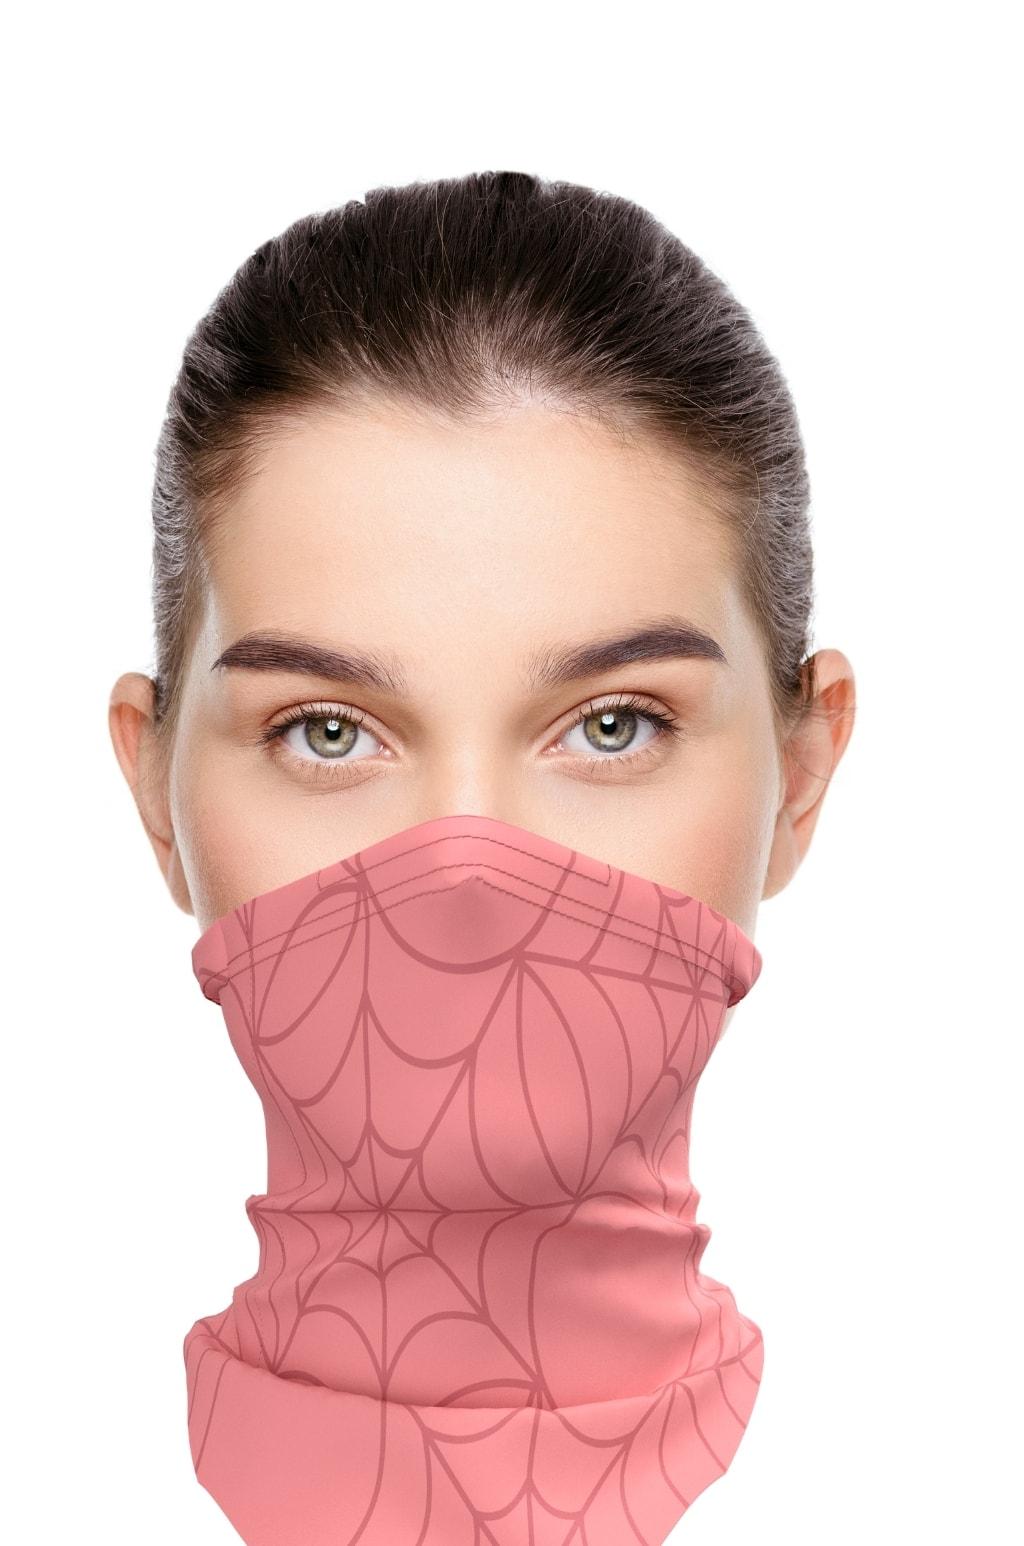 Letní antivirový šátek nanoSPACE - růžový záchyt FFP2, letní verze